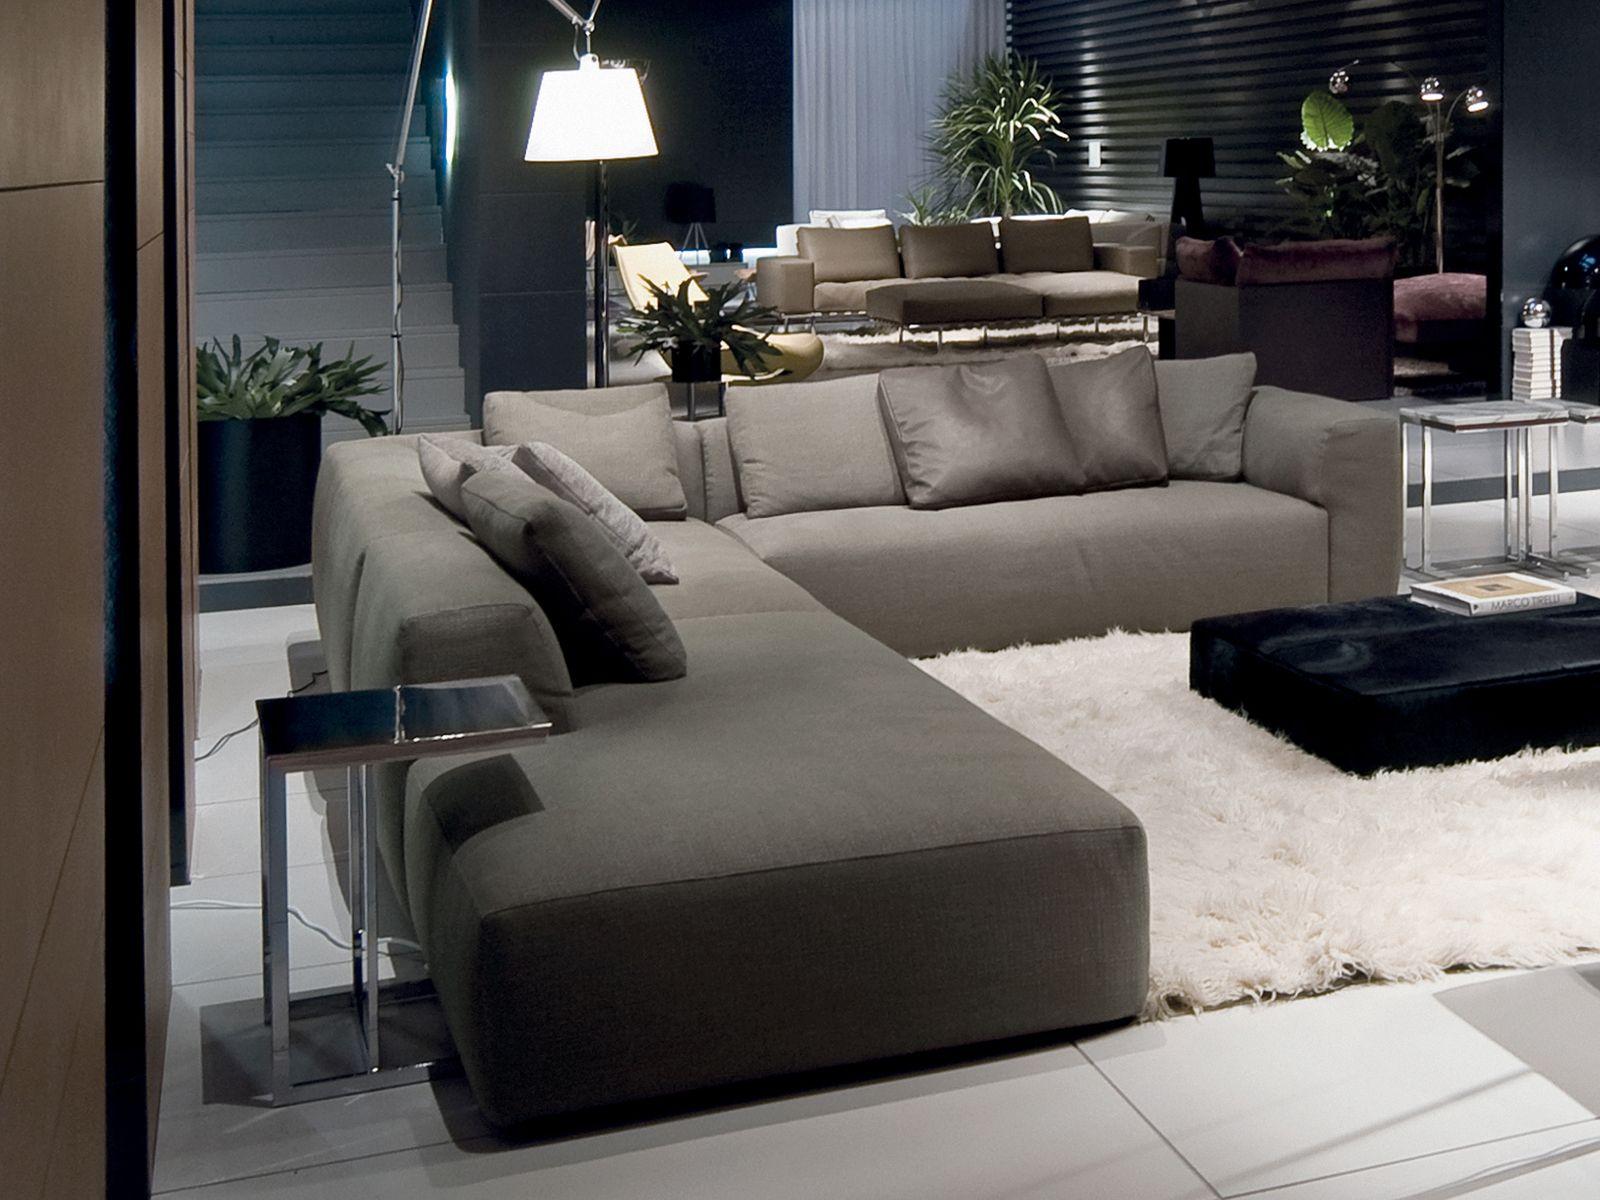 Divano componibile angolare idee per il design della casa - Divano componibile angolare ...